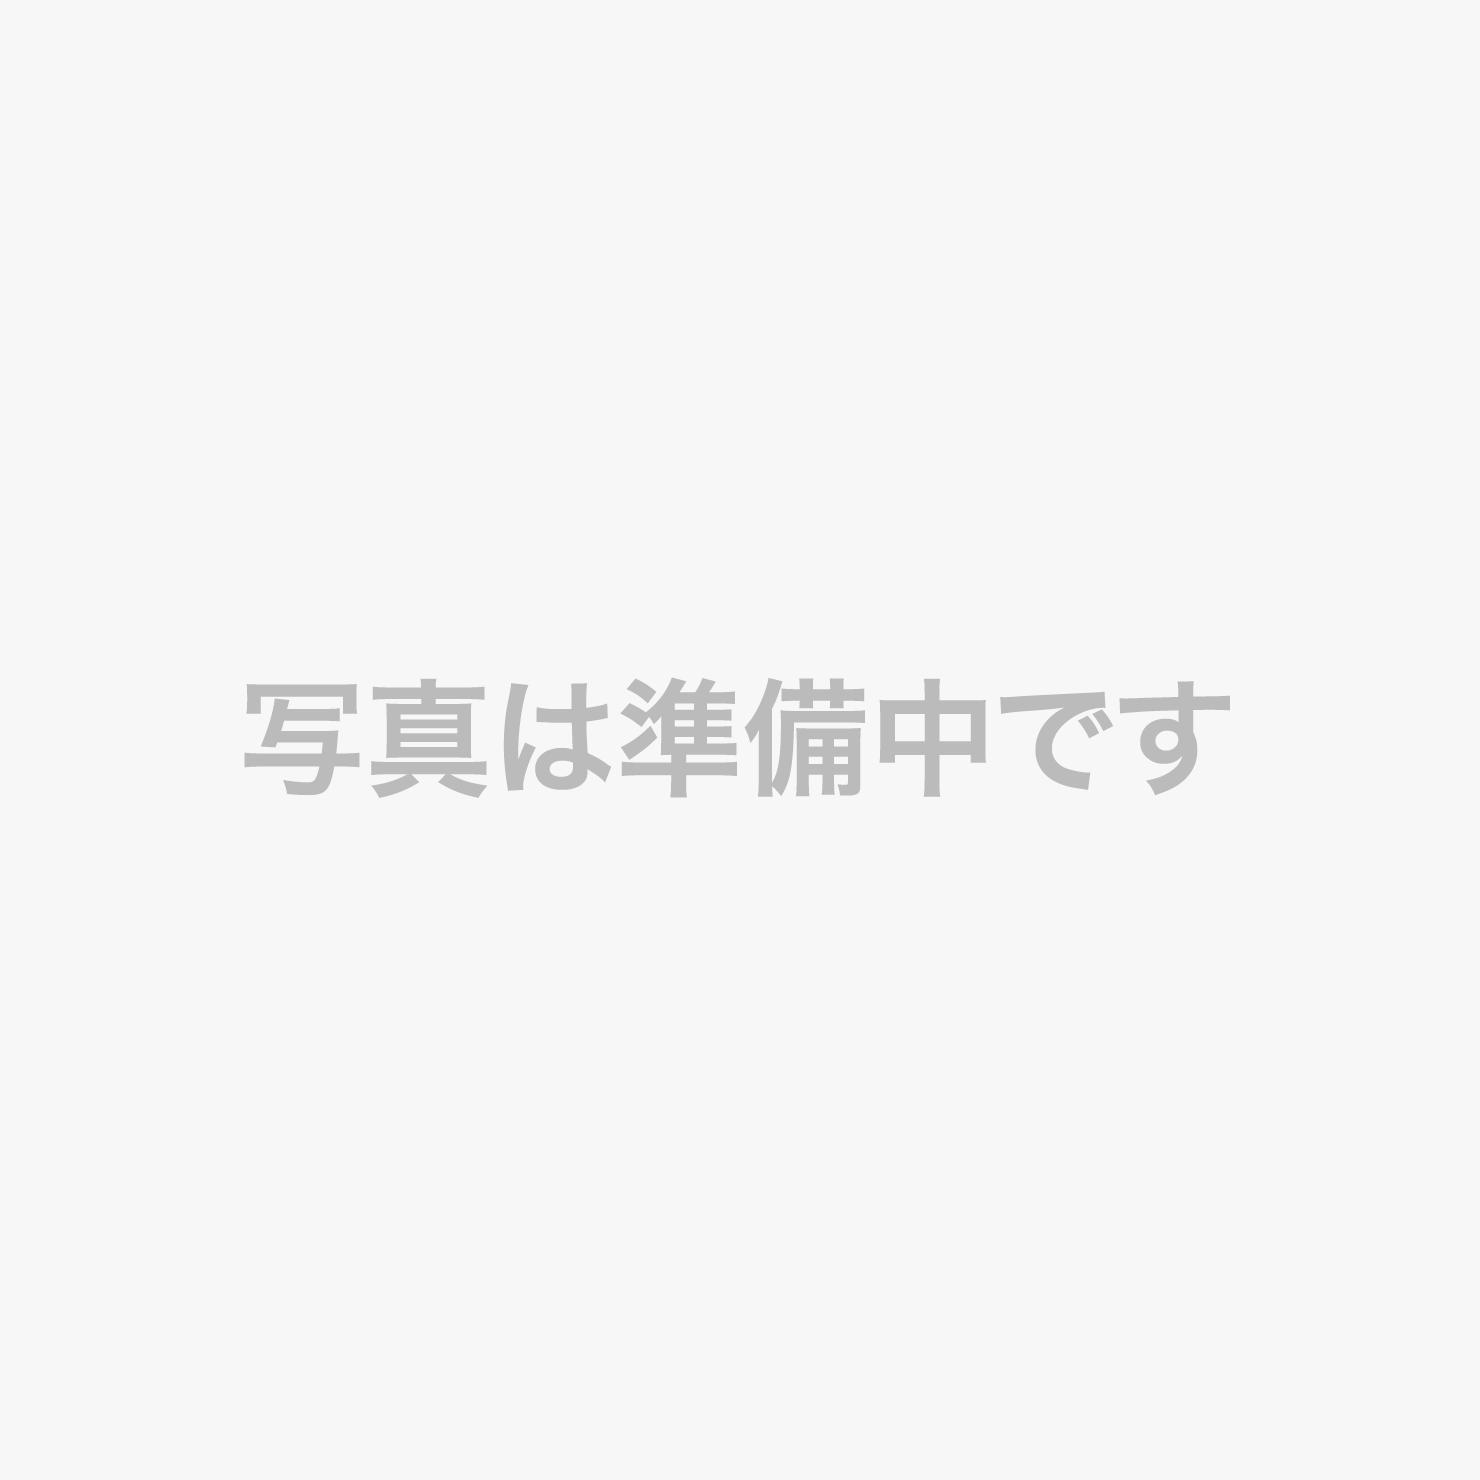 西伊豆:松崎町『田んぼを使った大規模花畑』無料の足湯でホッと一息。